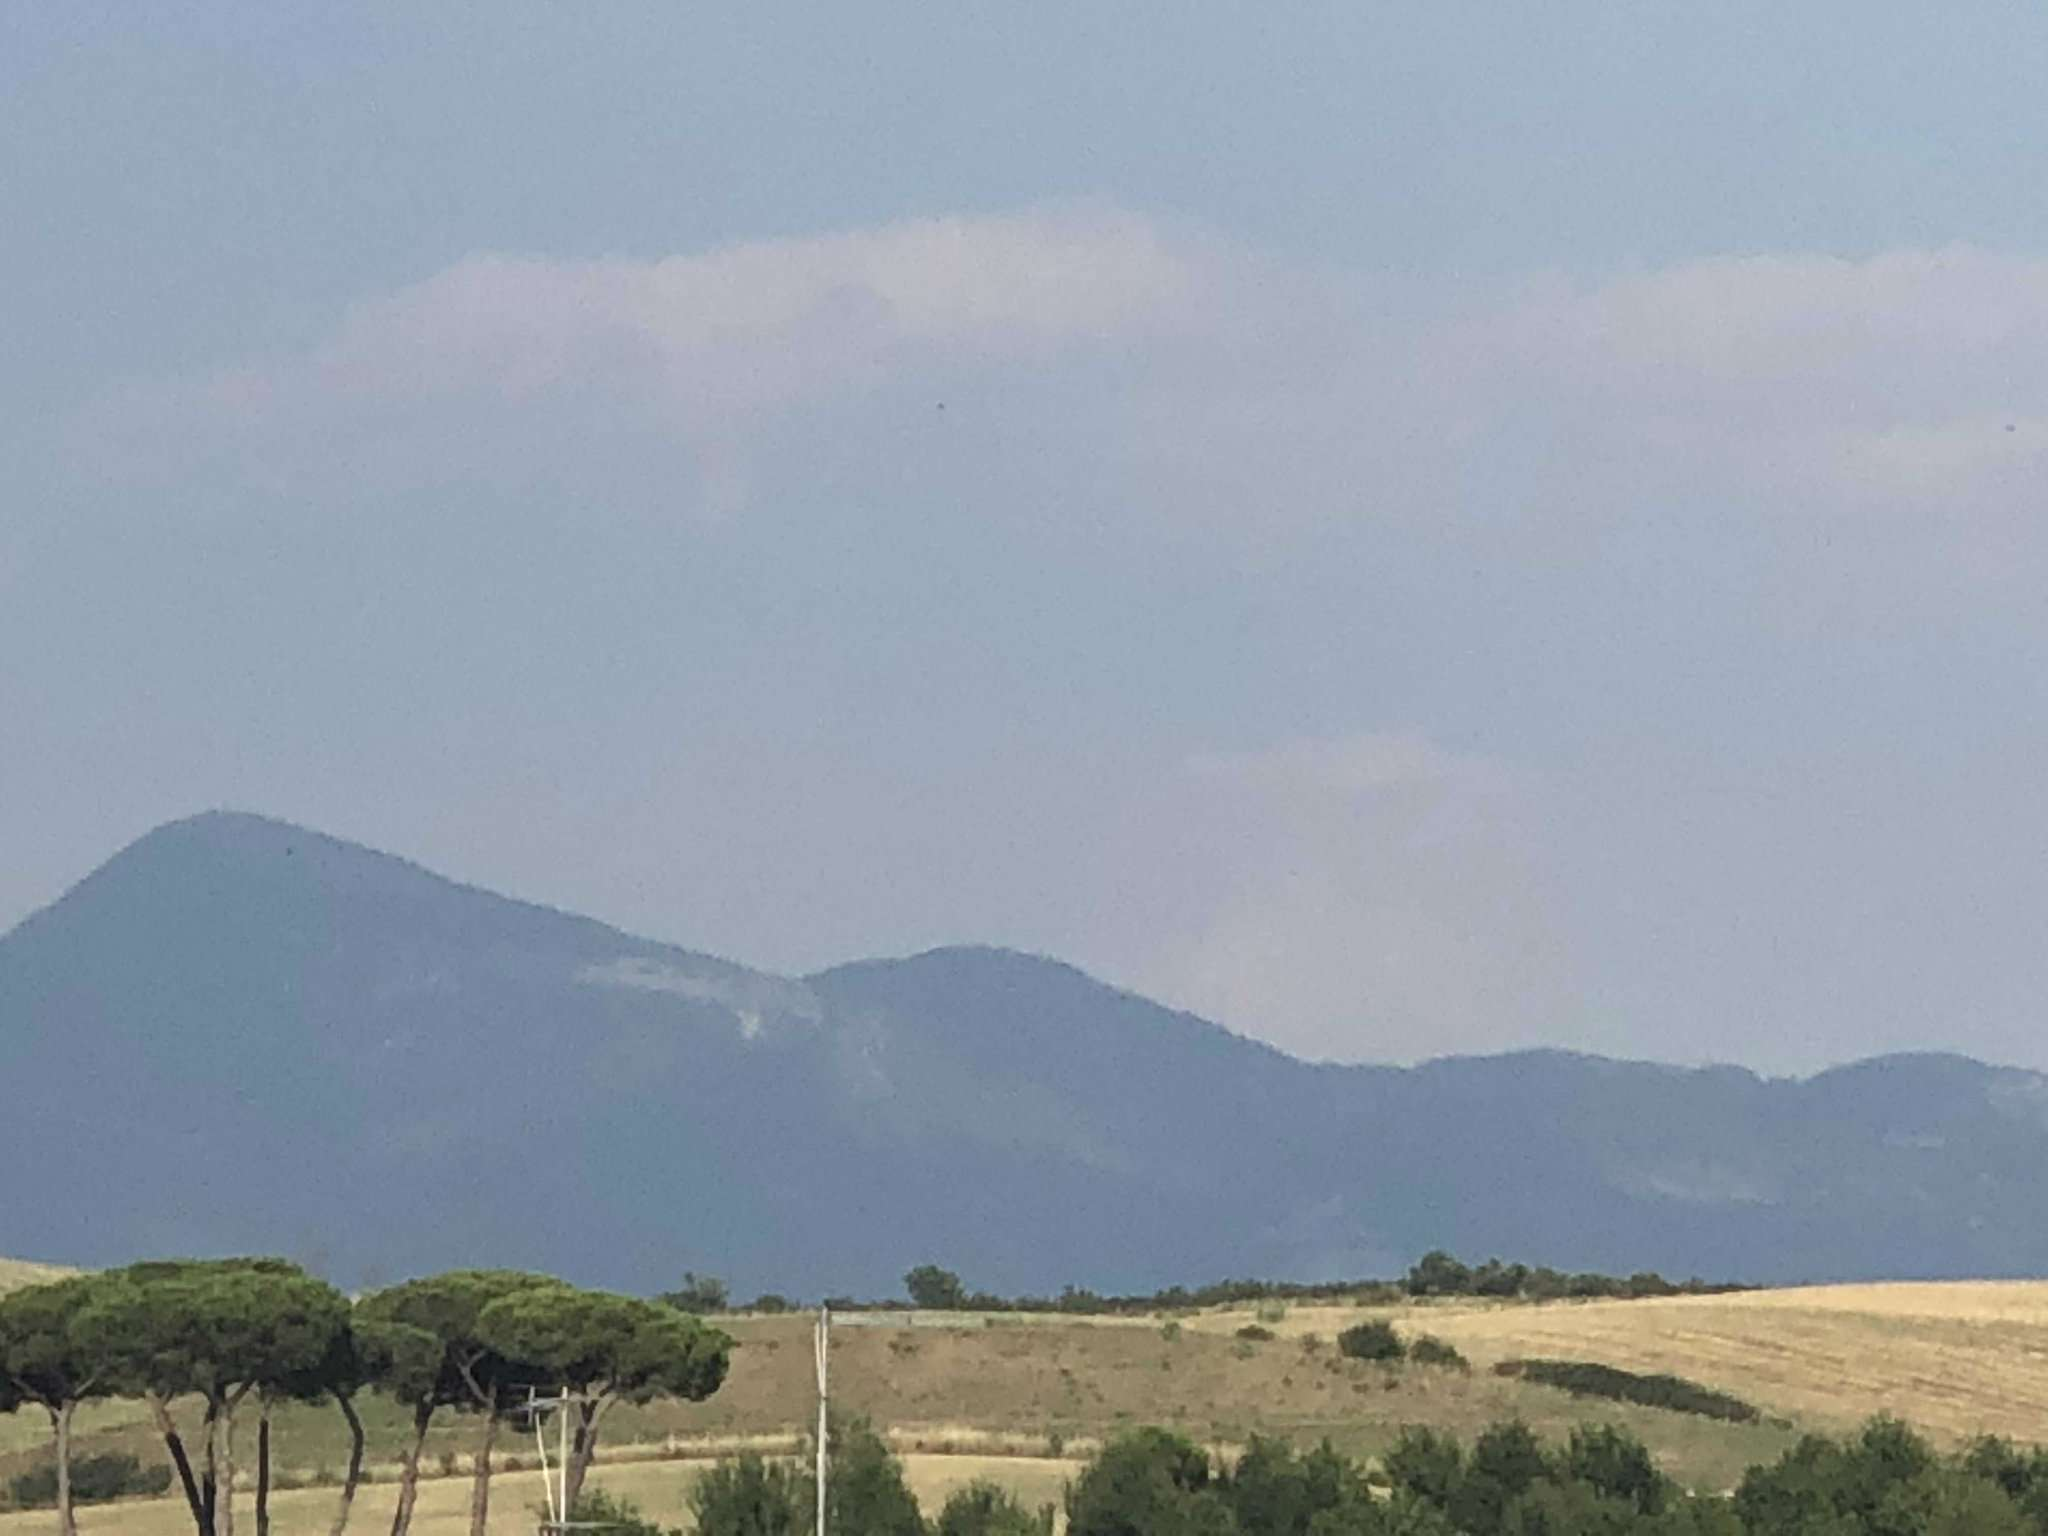 Villa Bifamiliare in vendita a Fonte Nuova, 10 locali, prezzo € 250.000 | CambioCasa.it